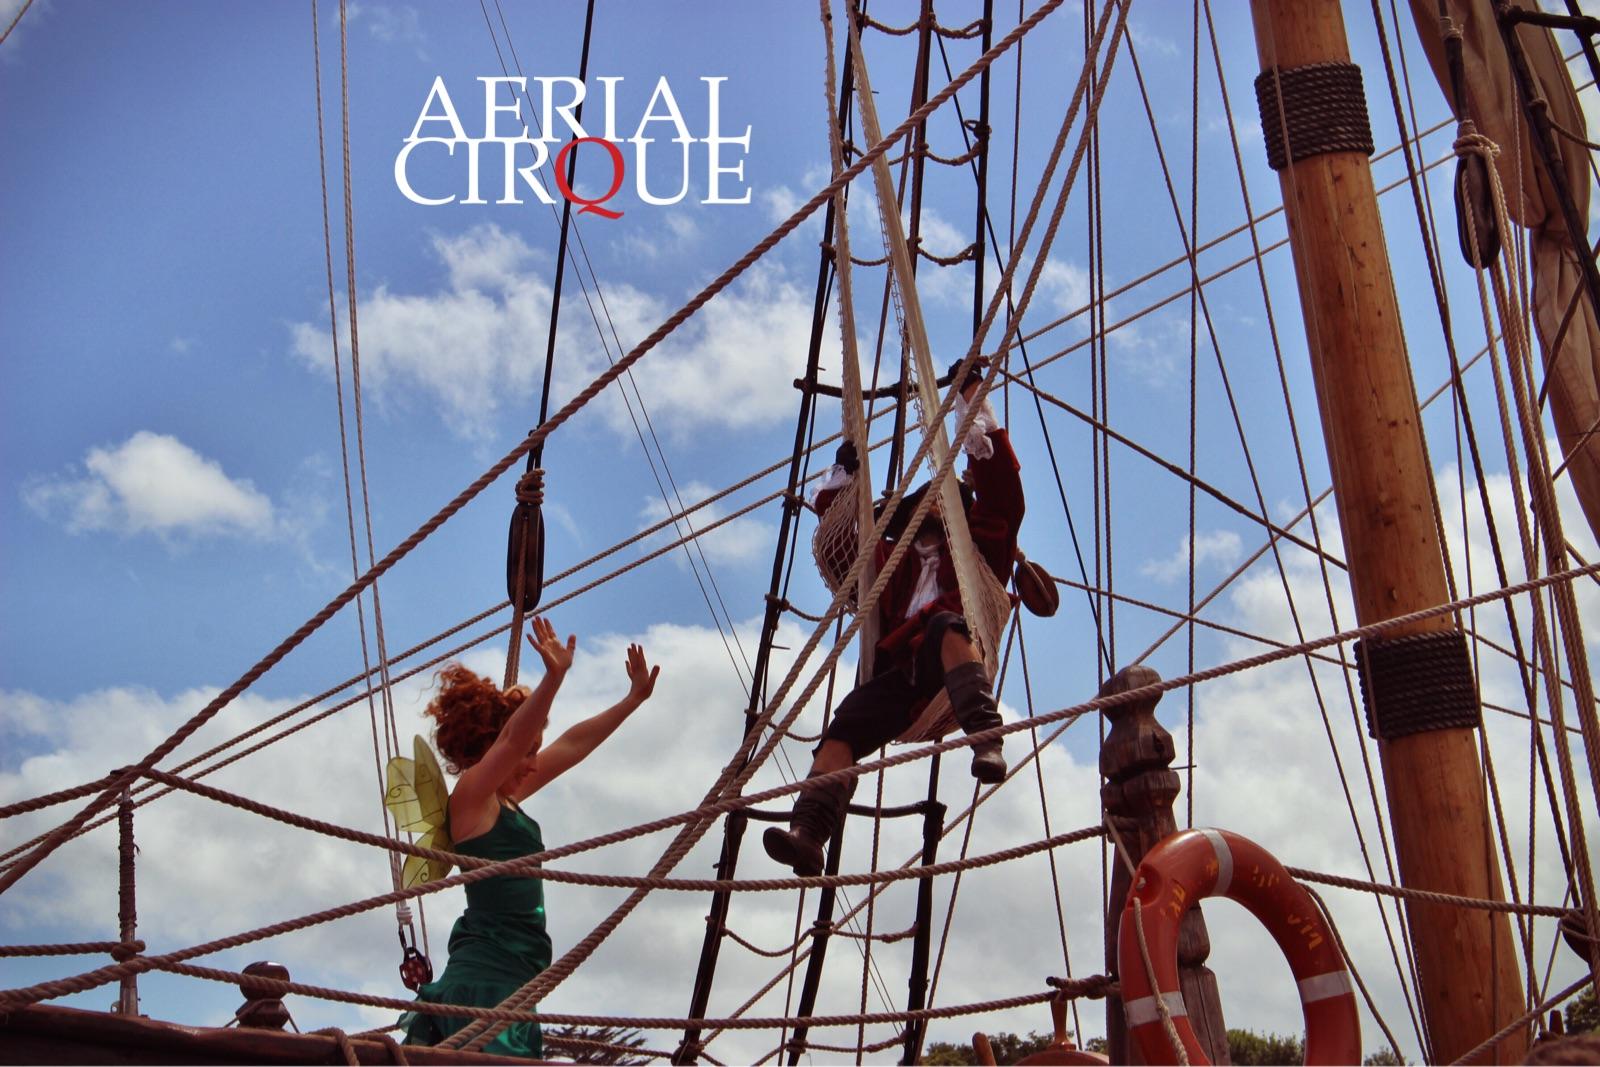 AerialCique_ship4.jpg